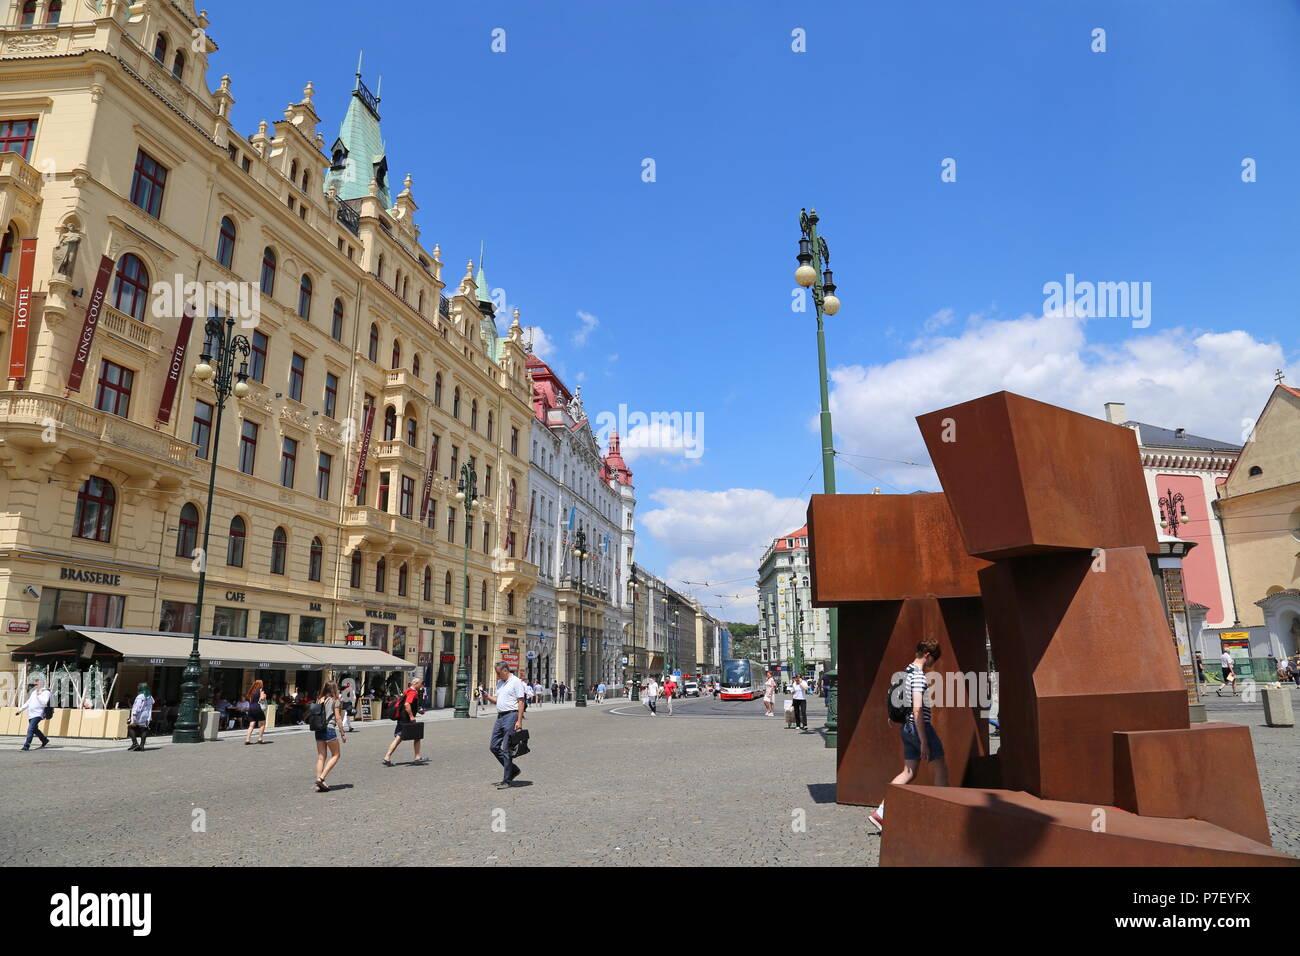 'Valse' by Jörg Plickat (1954), Náměstí Republiky, Staré Město (Old Town), Prague, Czechia (Czech Republic), Europe - Stock Image